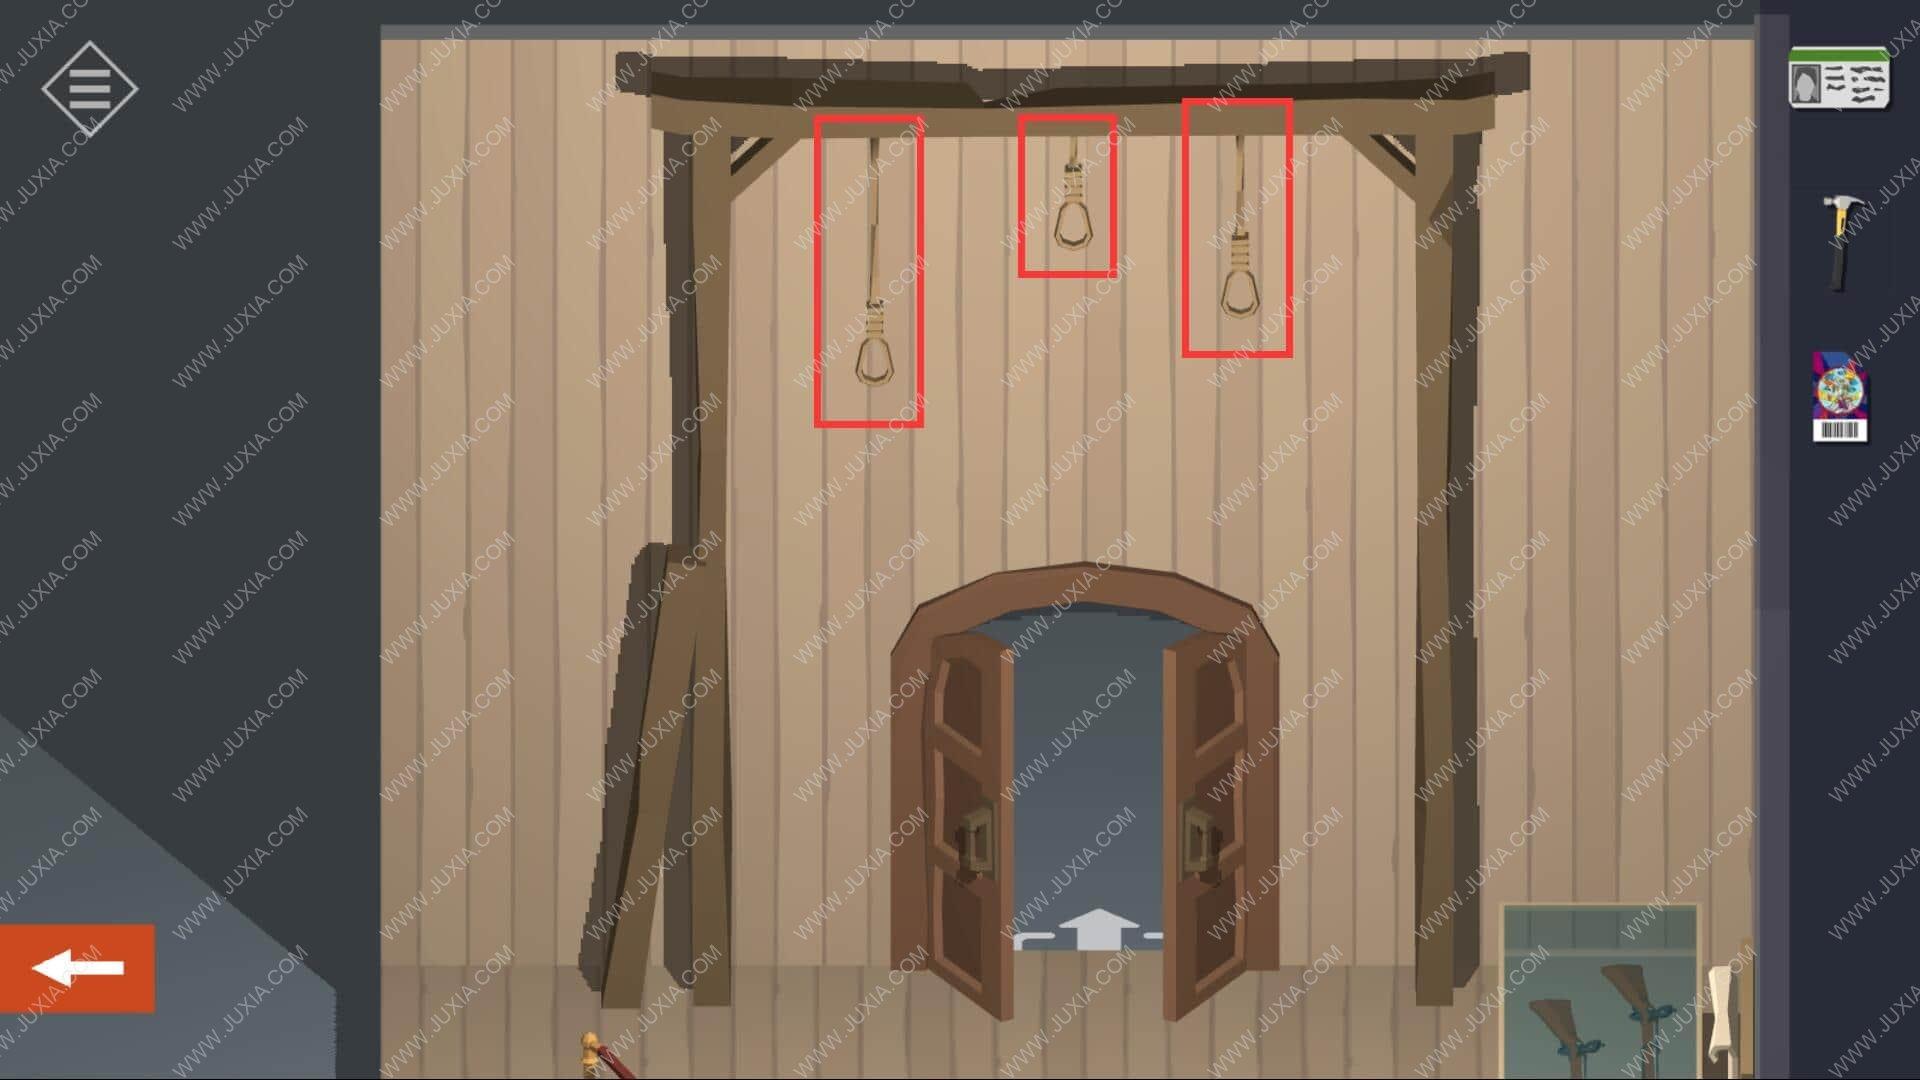 小房间故事攻略第十二章图文 TinyRoom第三季第十二章攻略3